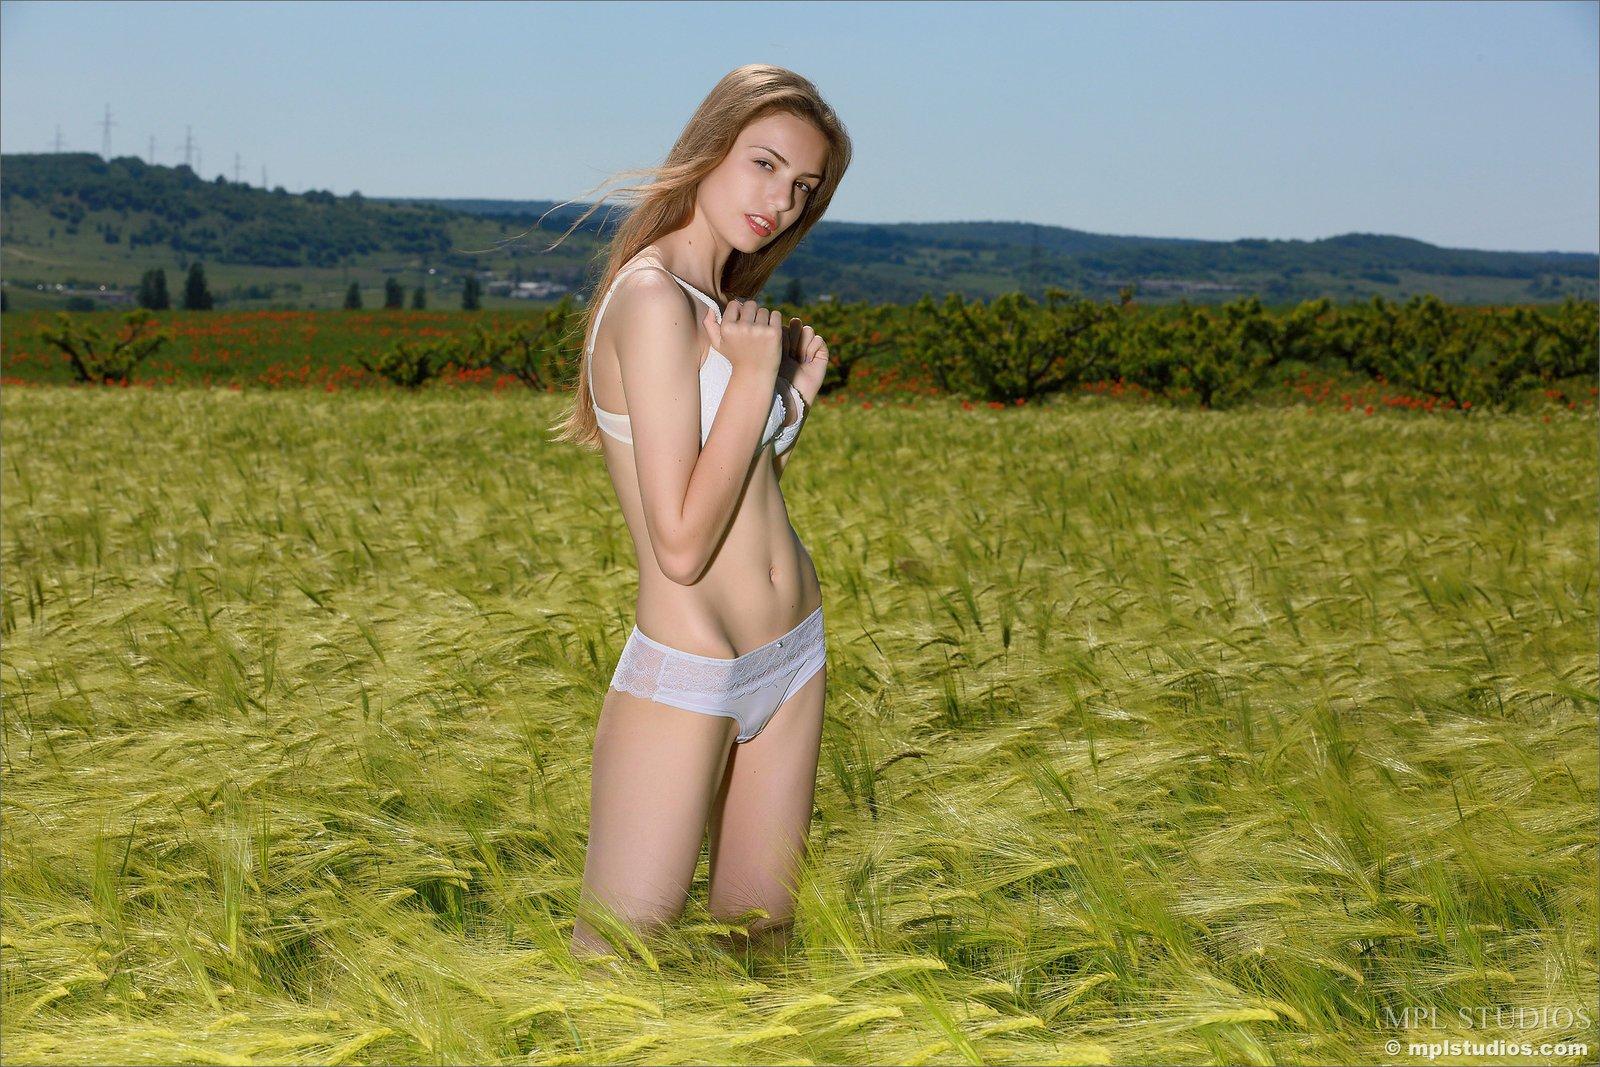 Худенькая красивая модель в нижнем белье в поле